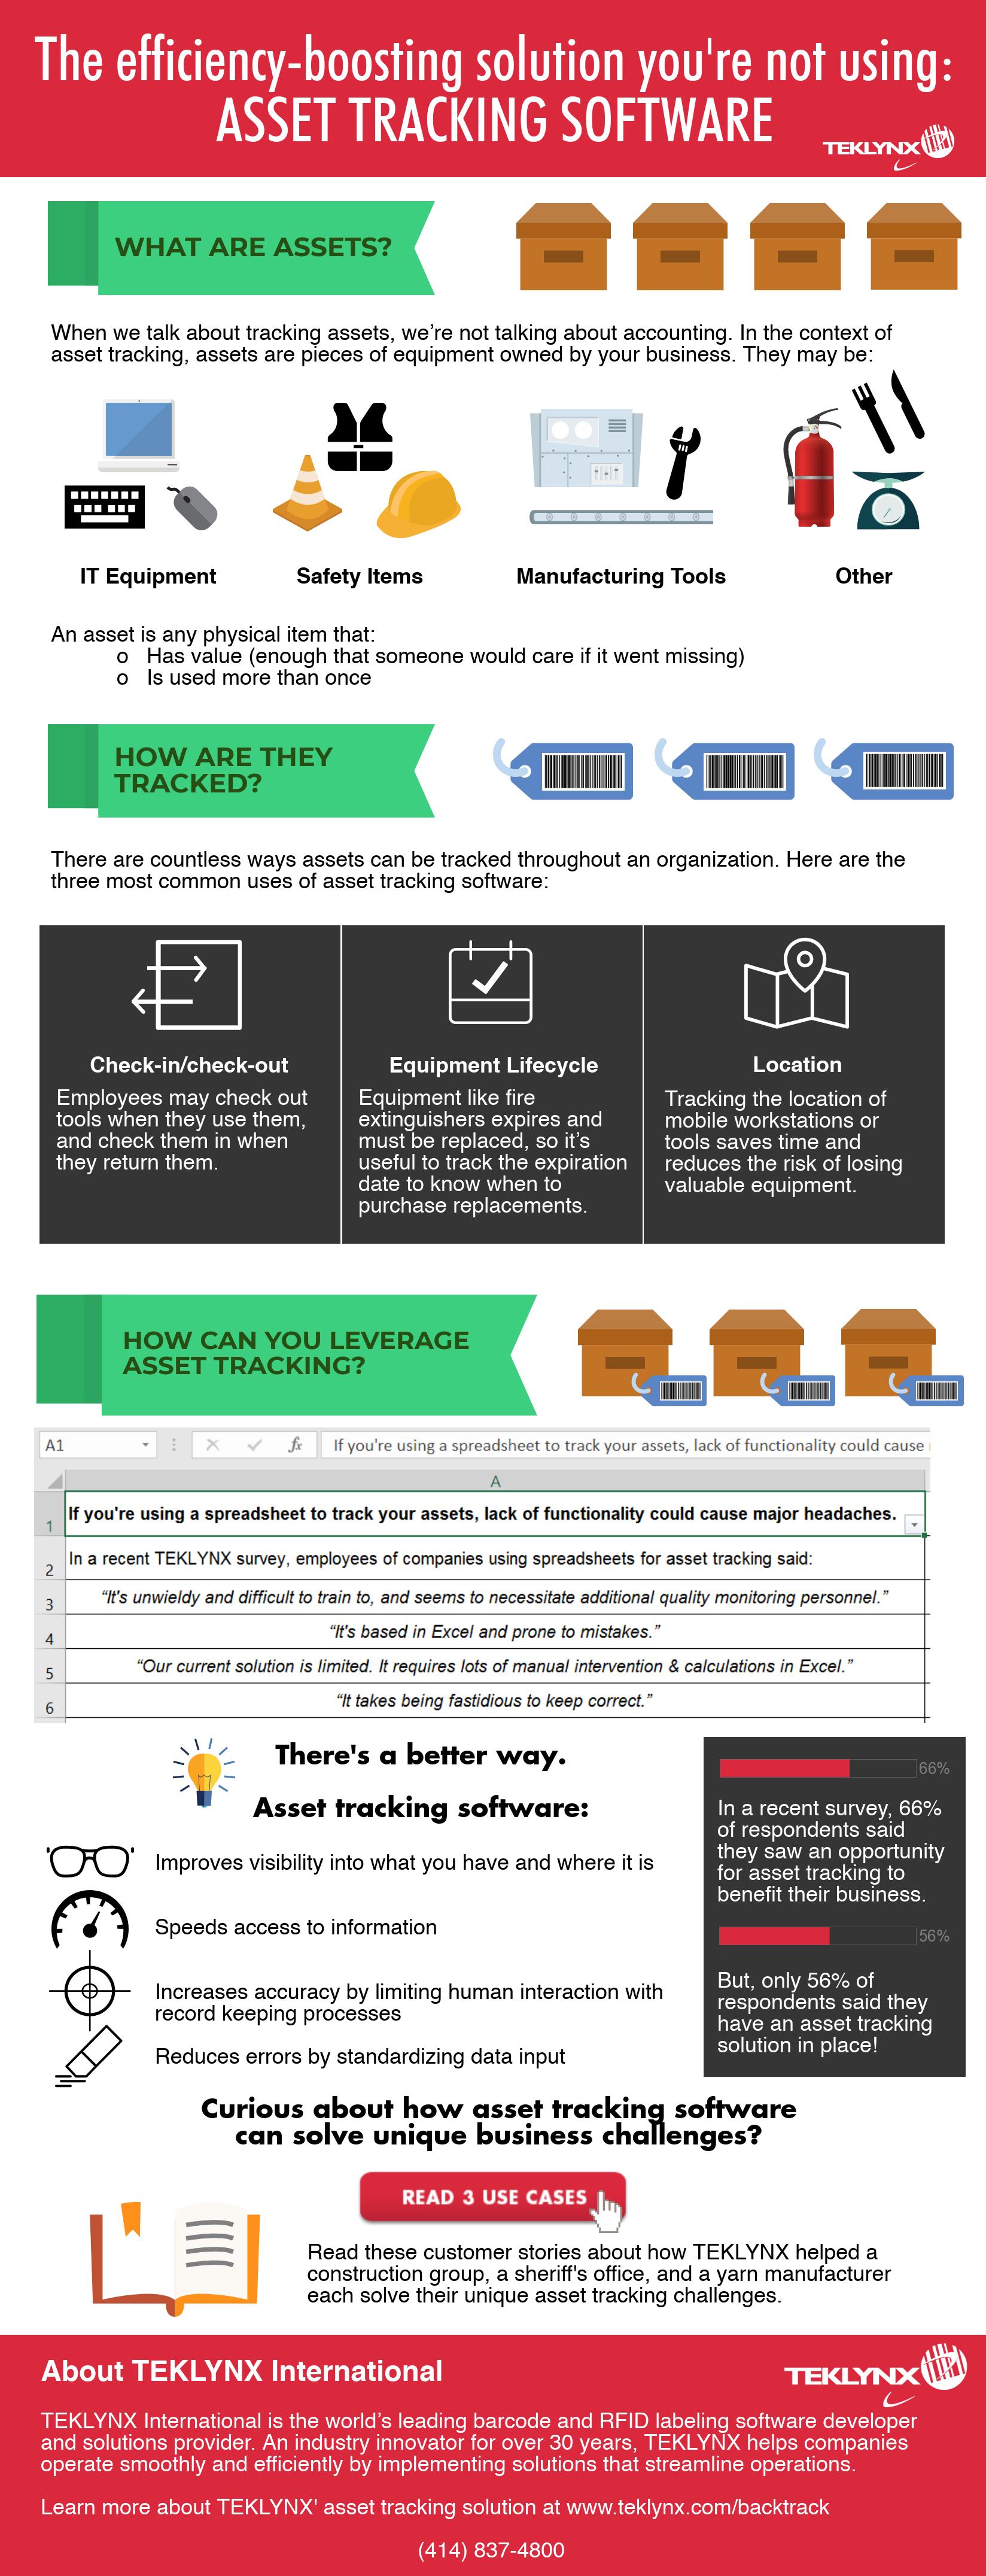 אינפוגרפיקה: תוכנה למעקב אחר נכסים